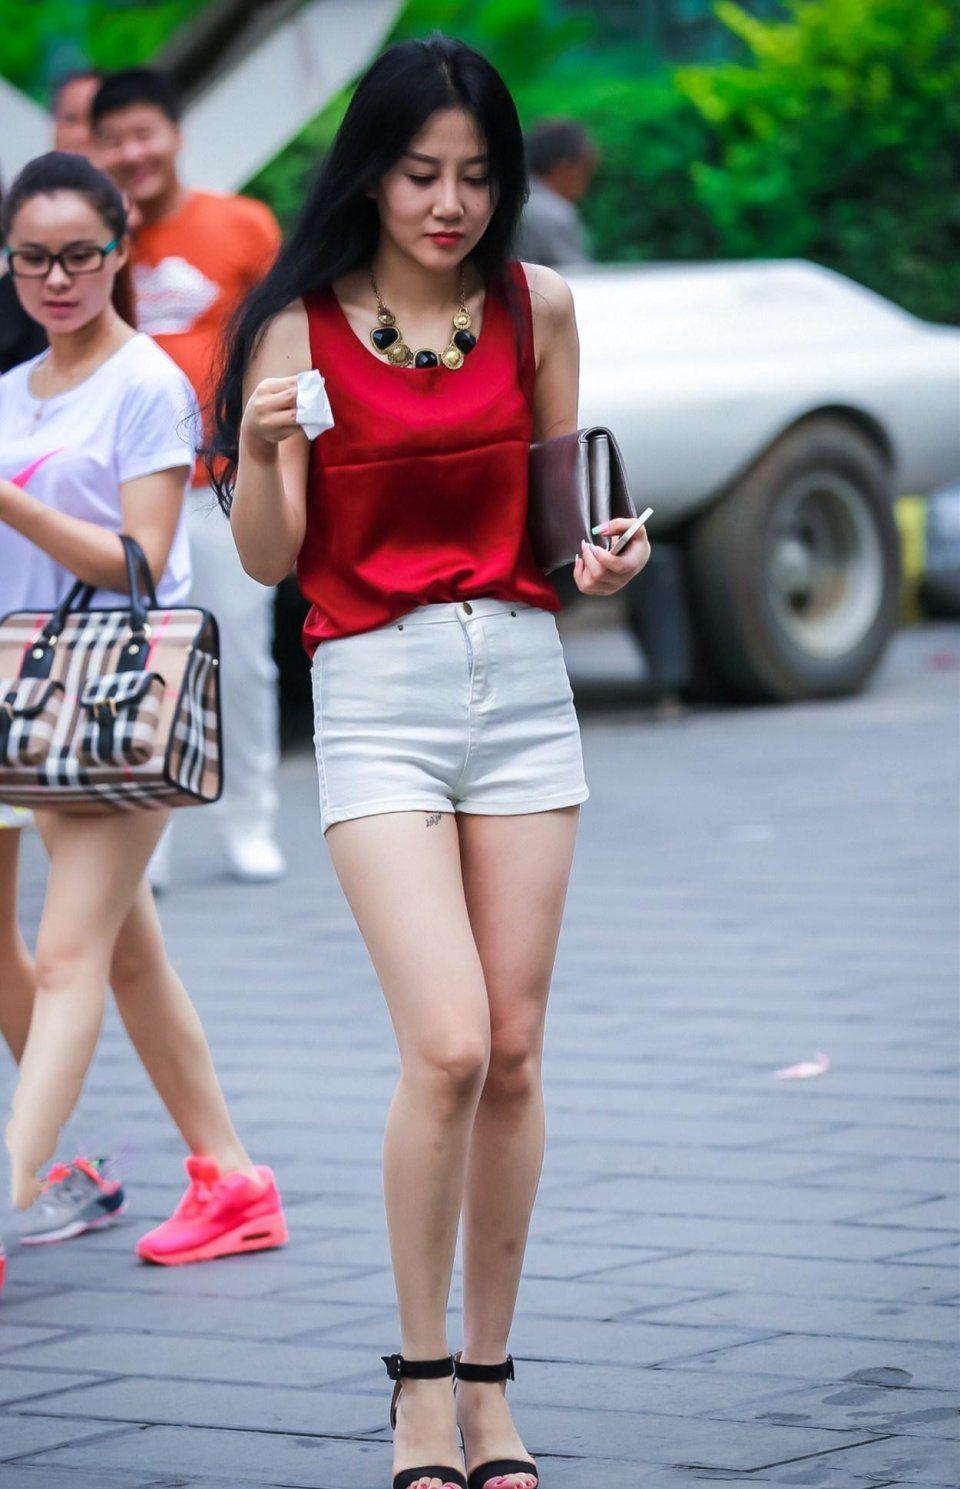 和美丽少妇做爱_街拍,红色背心配白色短裤,显得少妇美丽娇艳风情万种!